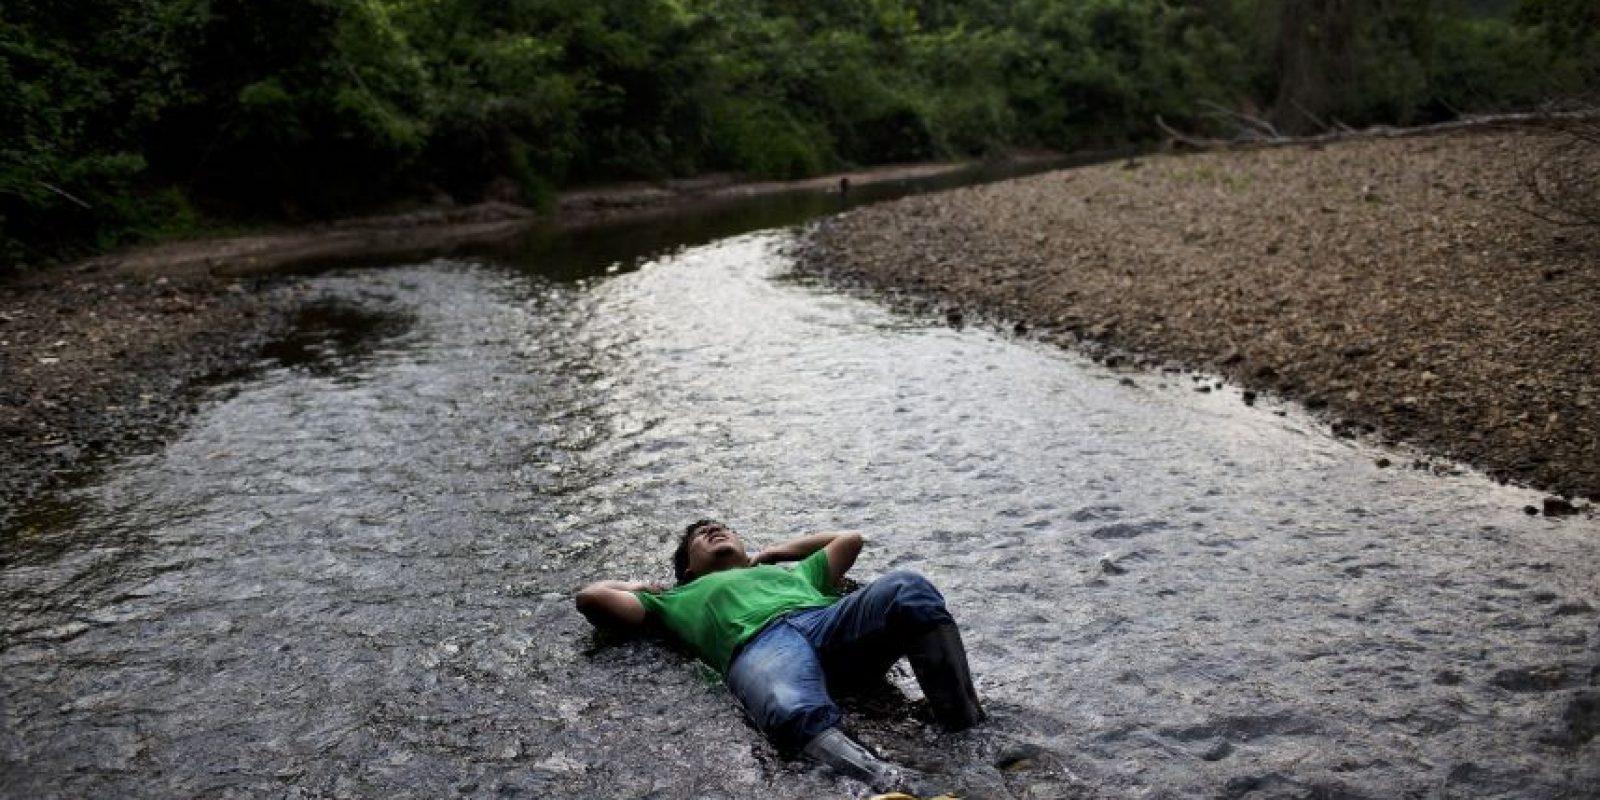 En esta imagen, tomada el 29 de octubre de 2015, Daniel Osoriaga, un operario municipal que promueve cultivos alternativos a agricultores de coca, descansa en una zona poco profunda del río Lorencillo durante un viaje de cuatro horas en barco y a pie desde Nueva Esperanza a Lorencillo, en la Amazonía peruana. Según el gobierno de Perú, las familias obtuvieron apoyo financiero o ayuda con cultivos alternativos el año pasado, cuando sus cultivos fuero destrozados. Pero muchos la rechazaron. Foto:AP Photo/ Rodrigo Abd